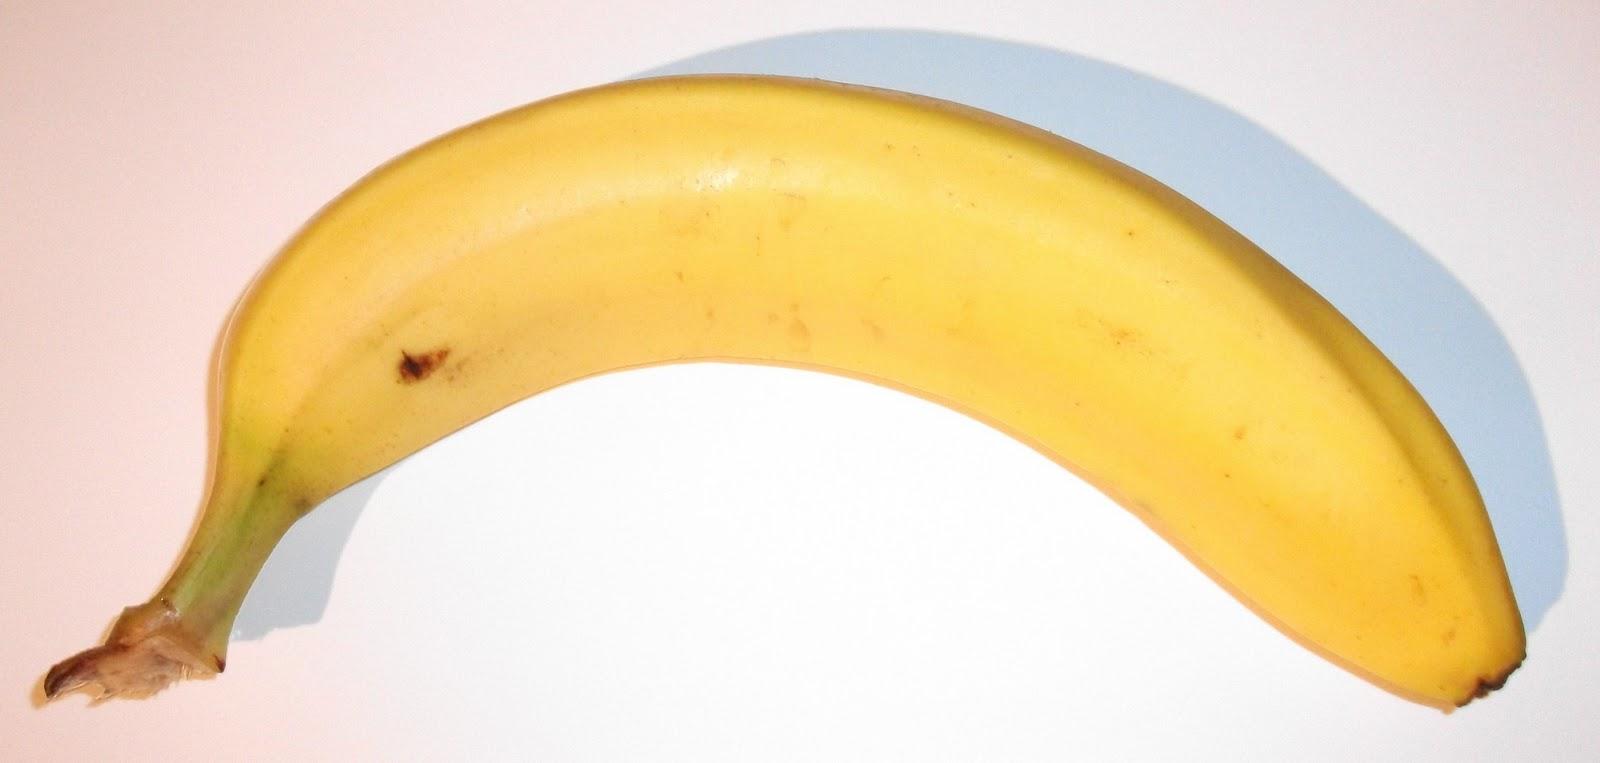 uit welk fruit haal je de meeste voedingswaarde en vitamines de voedingsstoffen en vitamines in. Black Bedroom Furniture Sets. Home Design Ideas